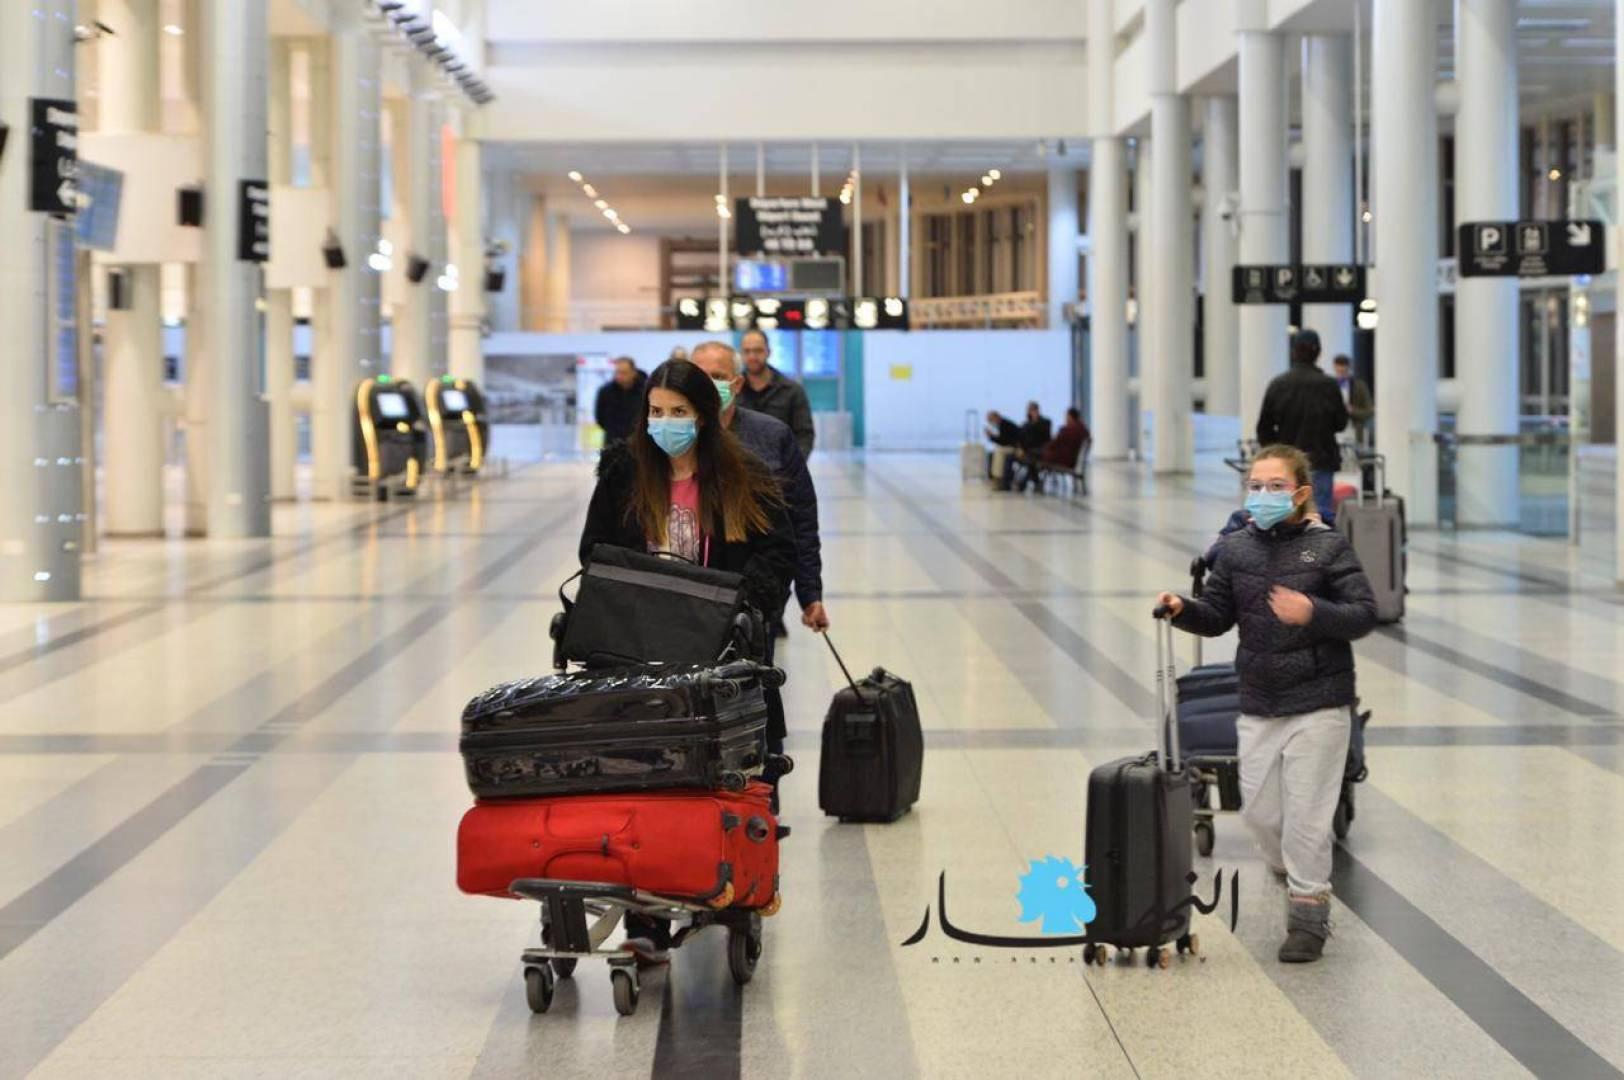 خبر سار للراغبين في السفر إلى أوروبا بعد هذا القرار الذي اتخذه الاتحاد